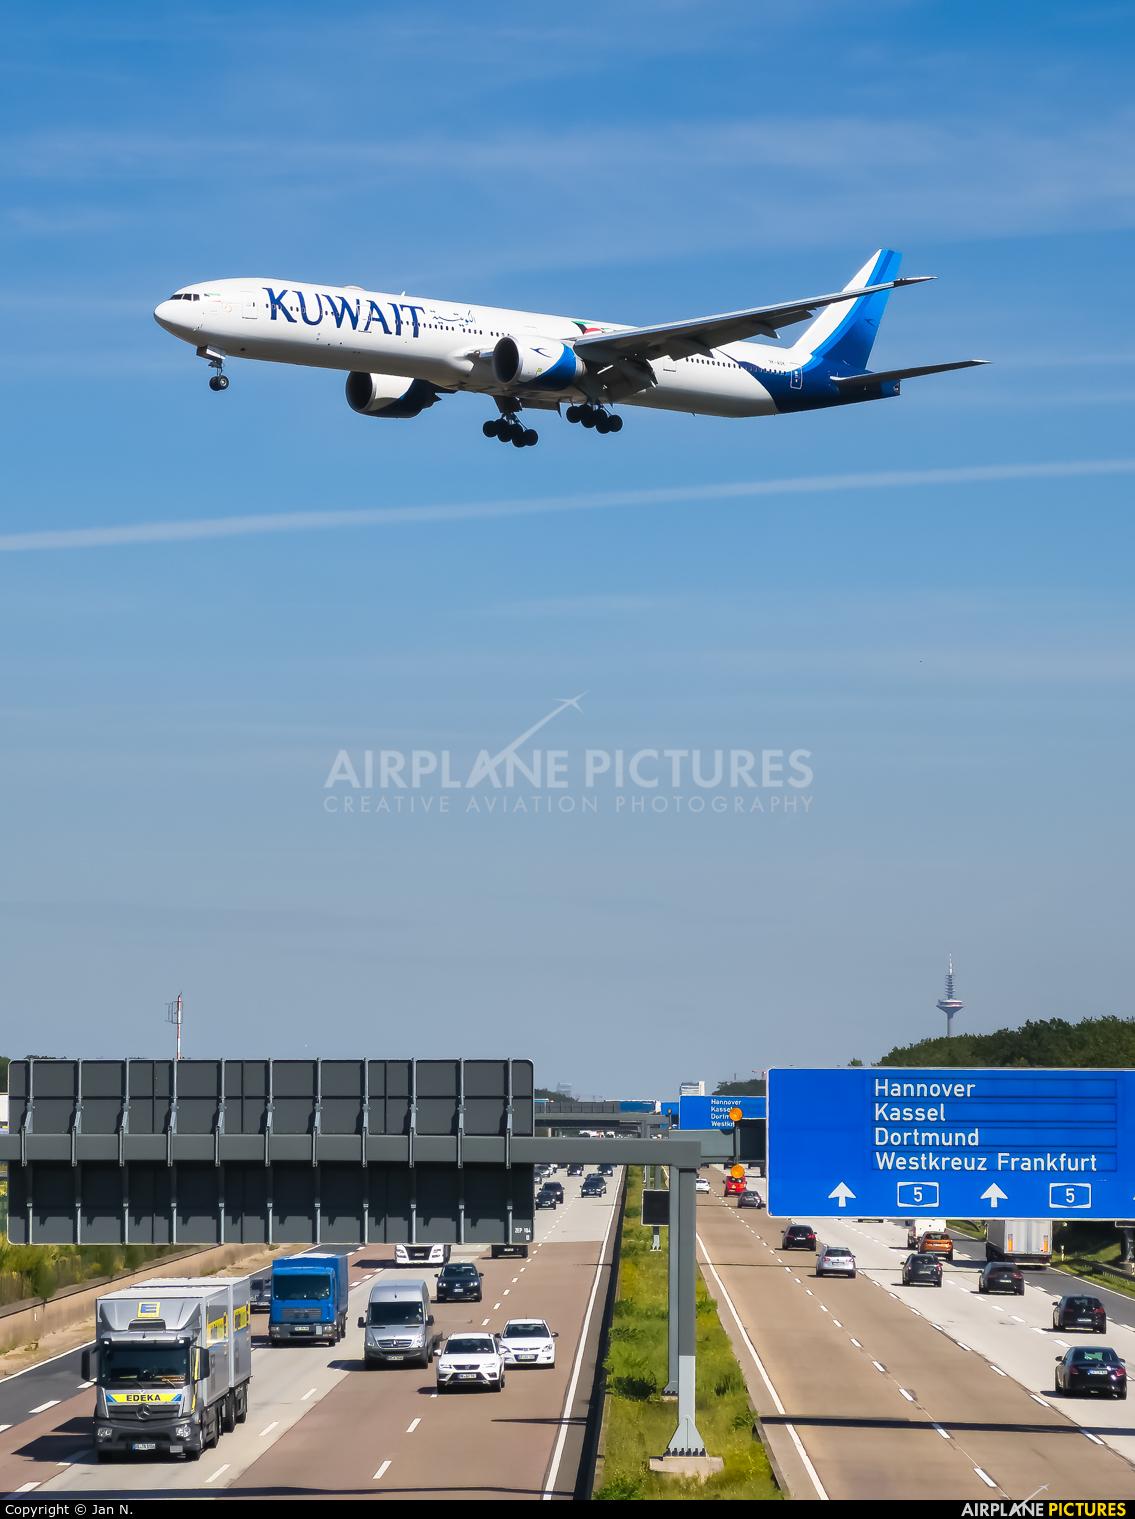 Kuwait Airways 9K-AOK aircraft at Frankfurt